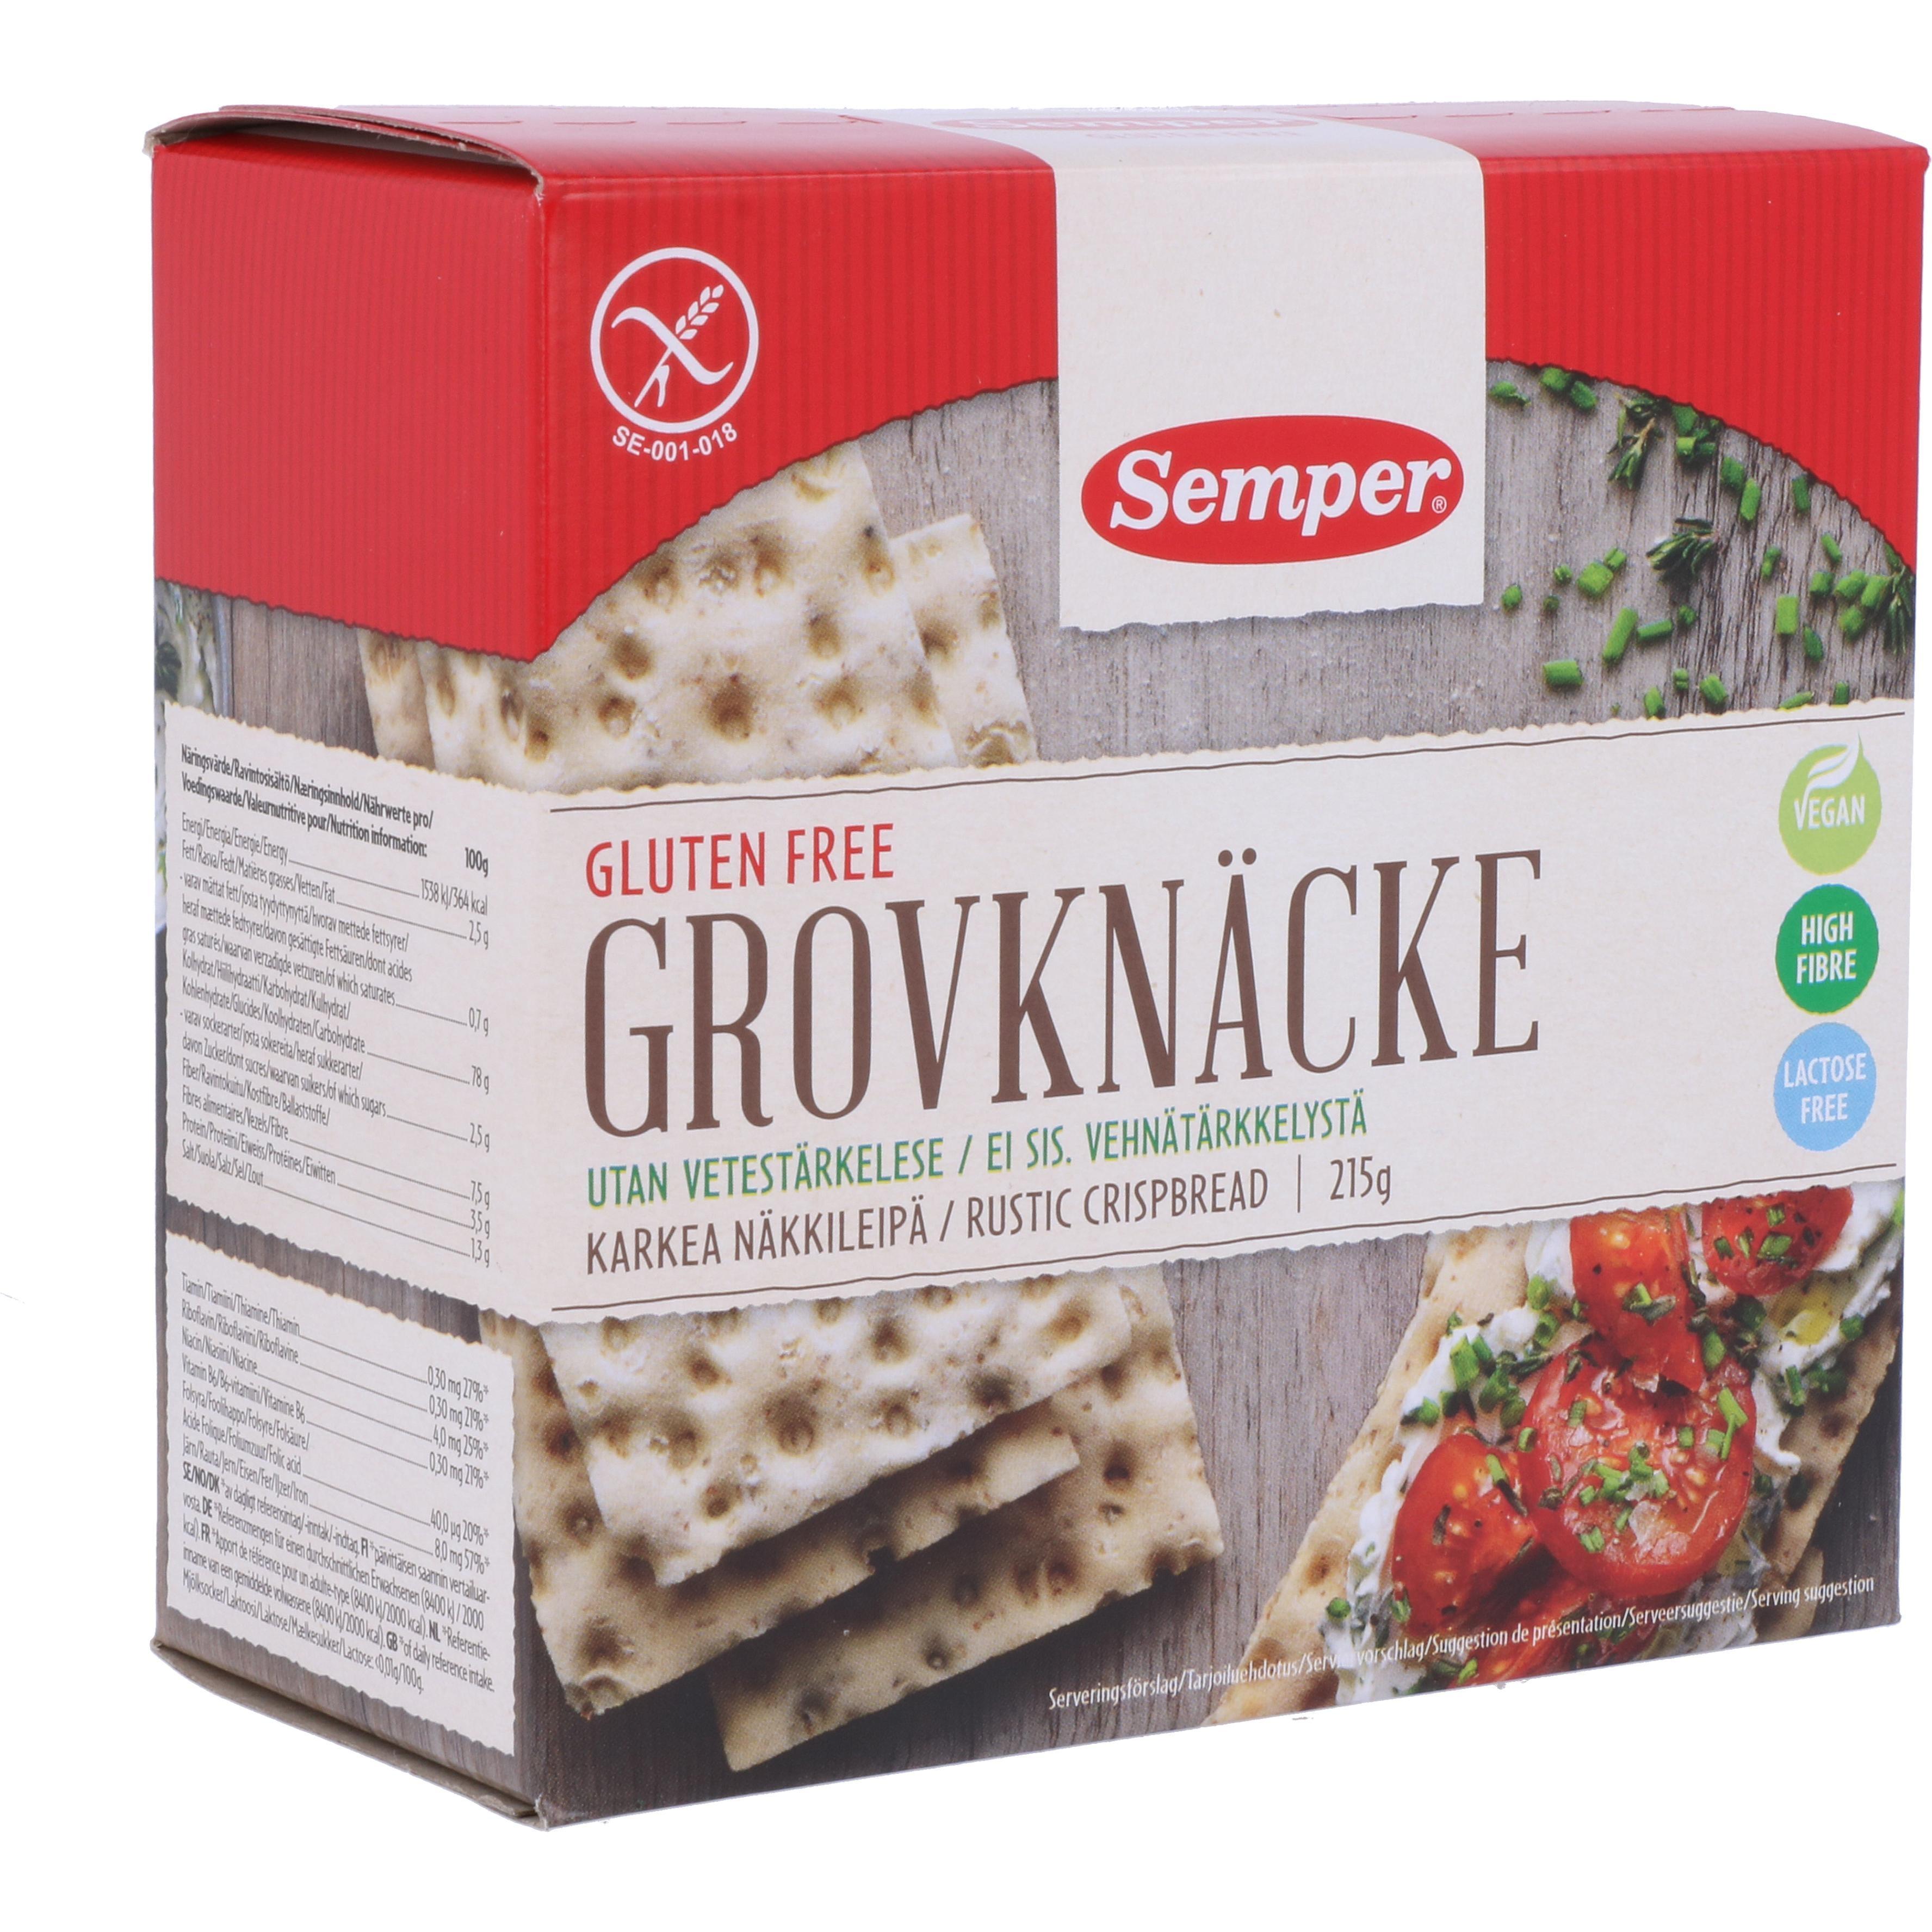 Semper Grovknäcke 215g